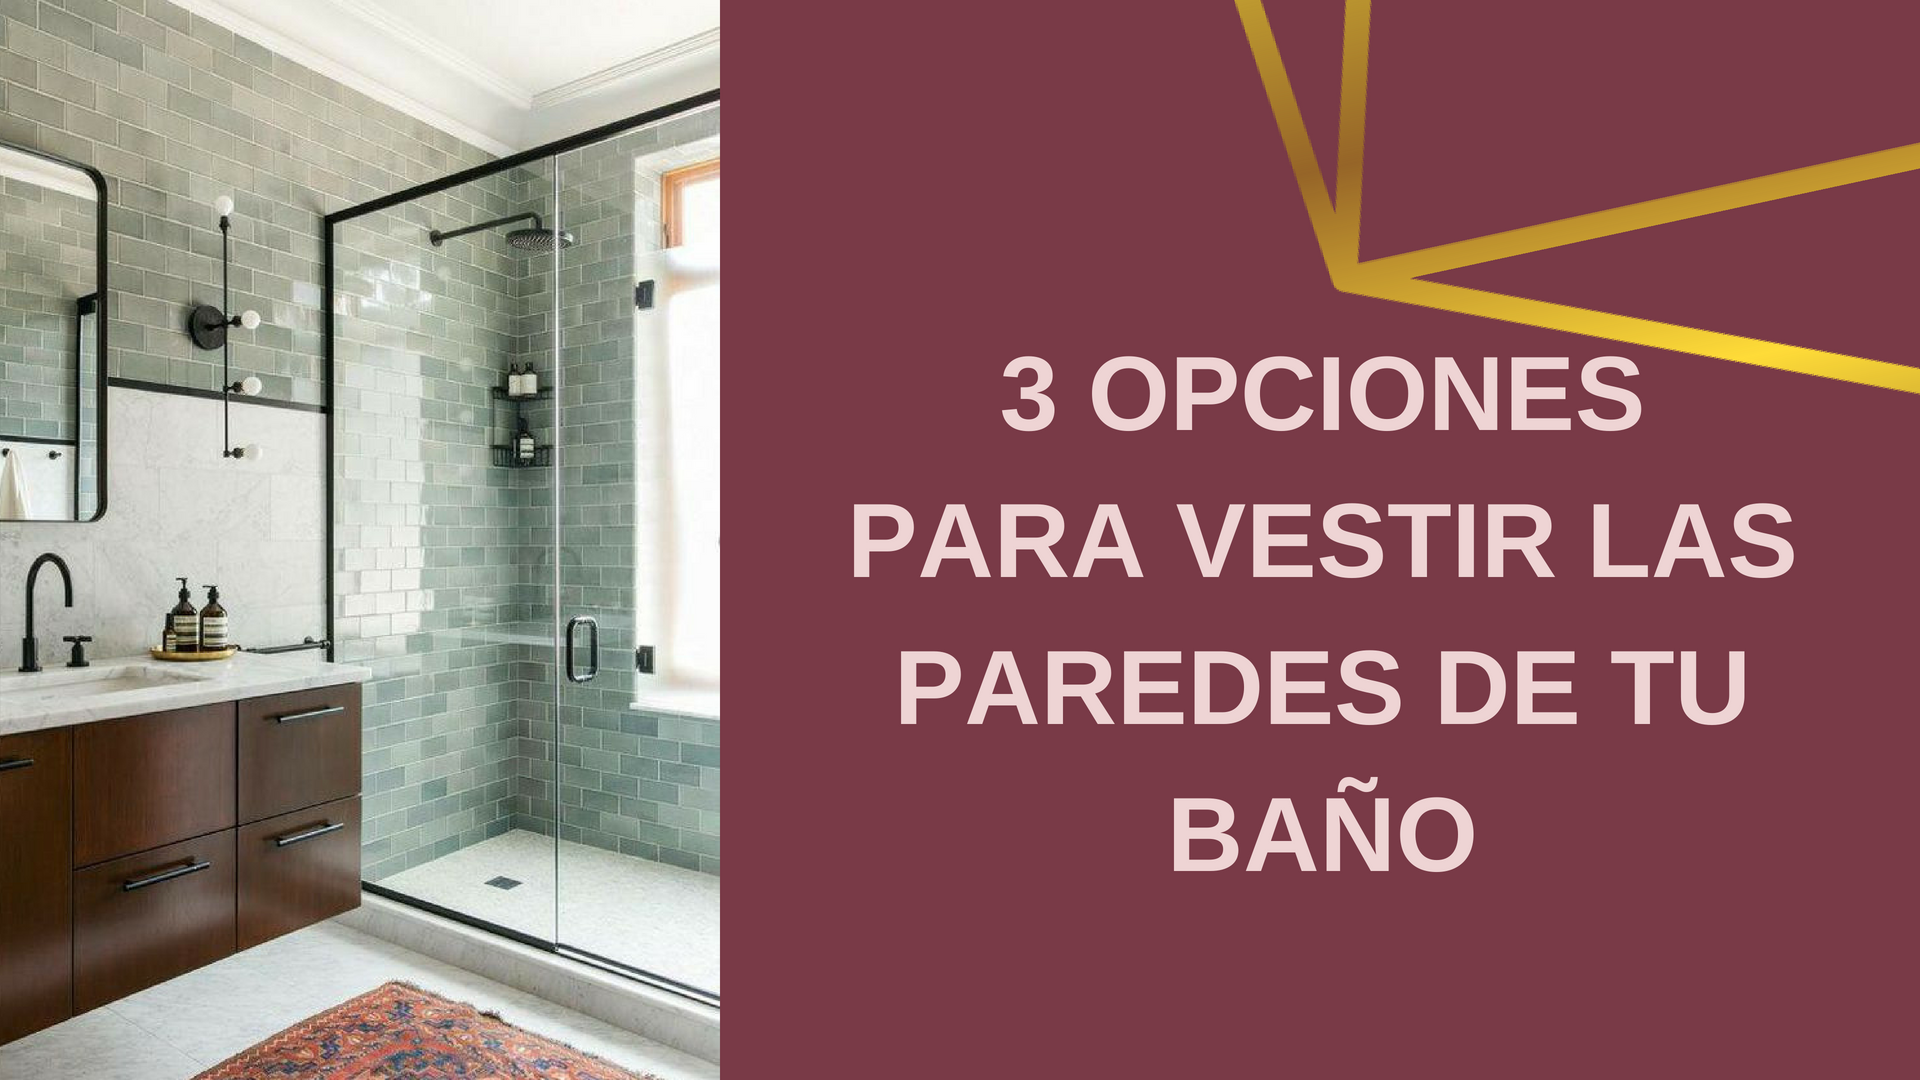 3 opciones para vestir las paredes de tu baño